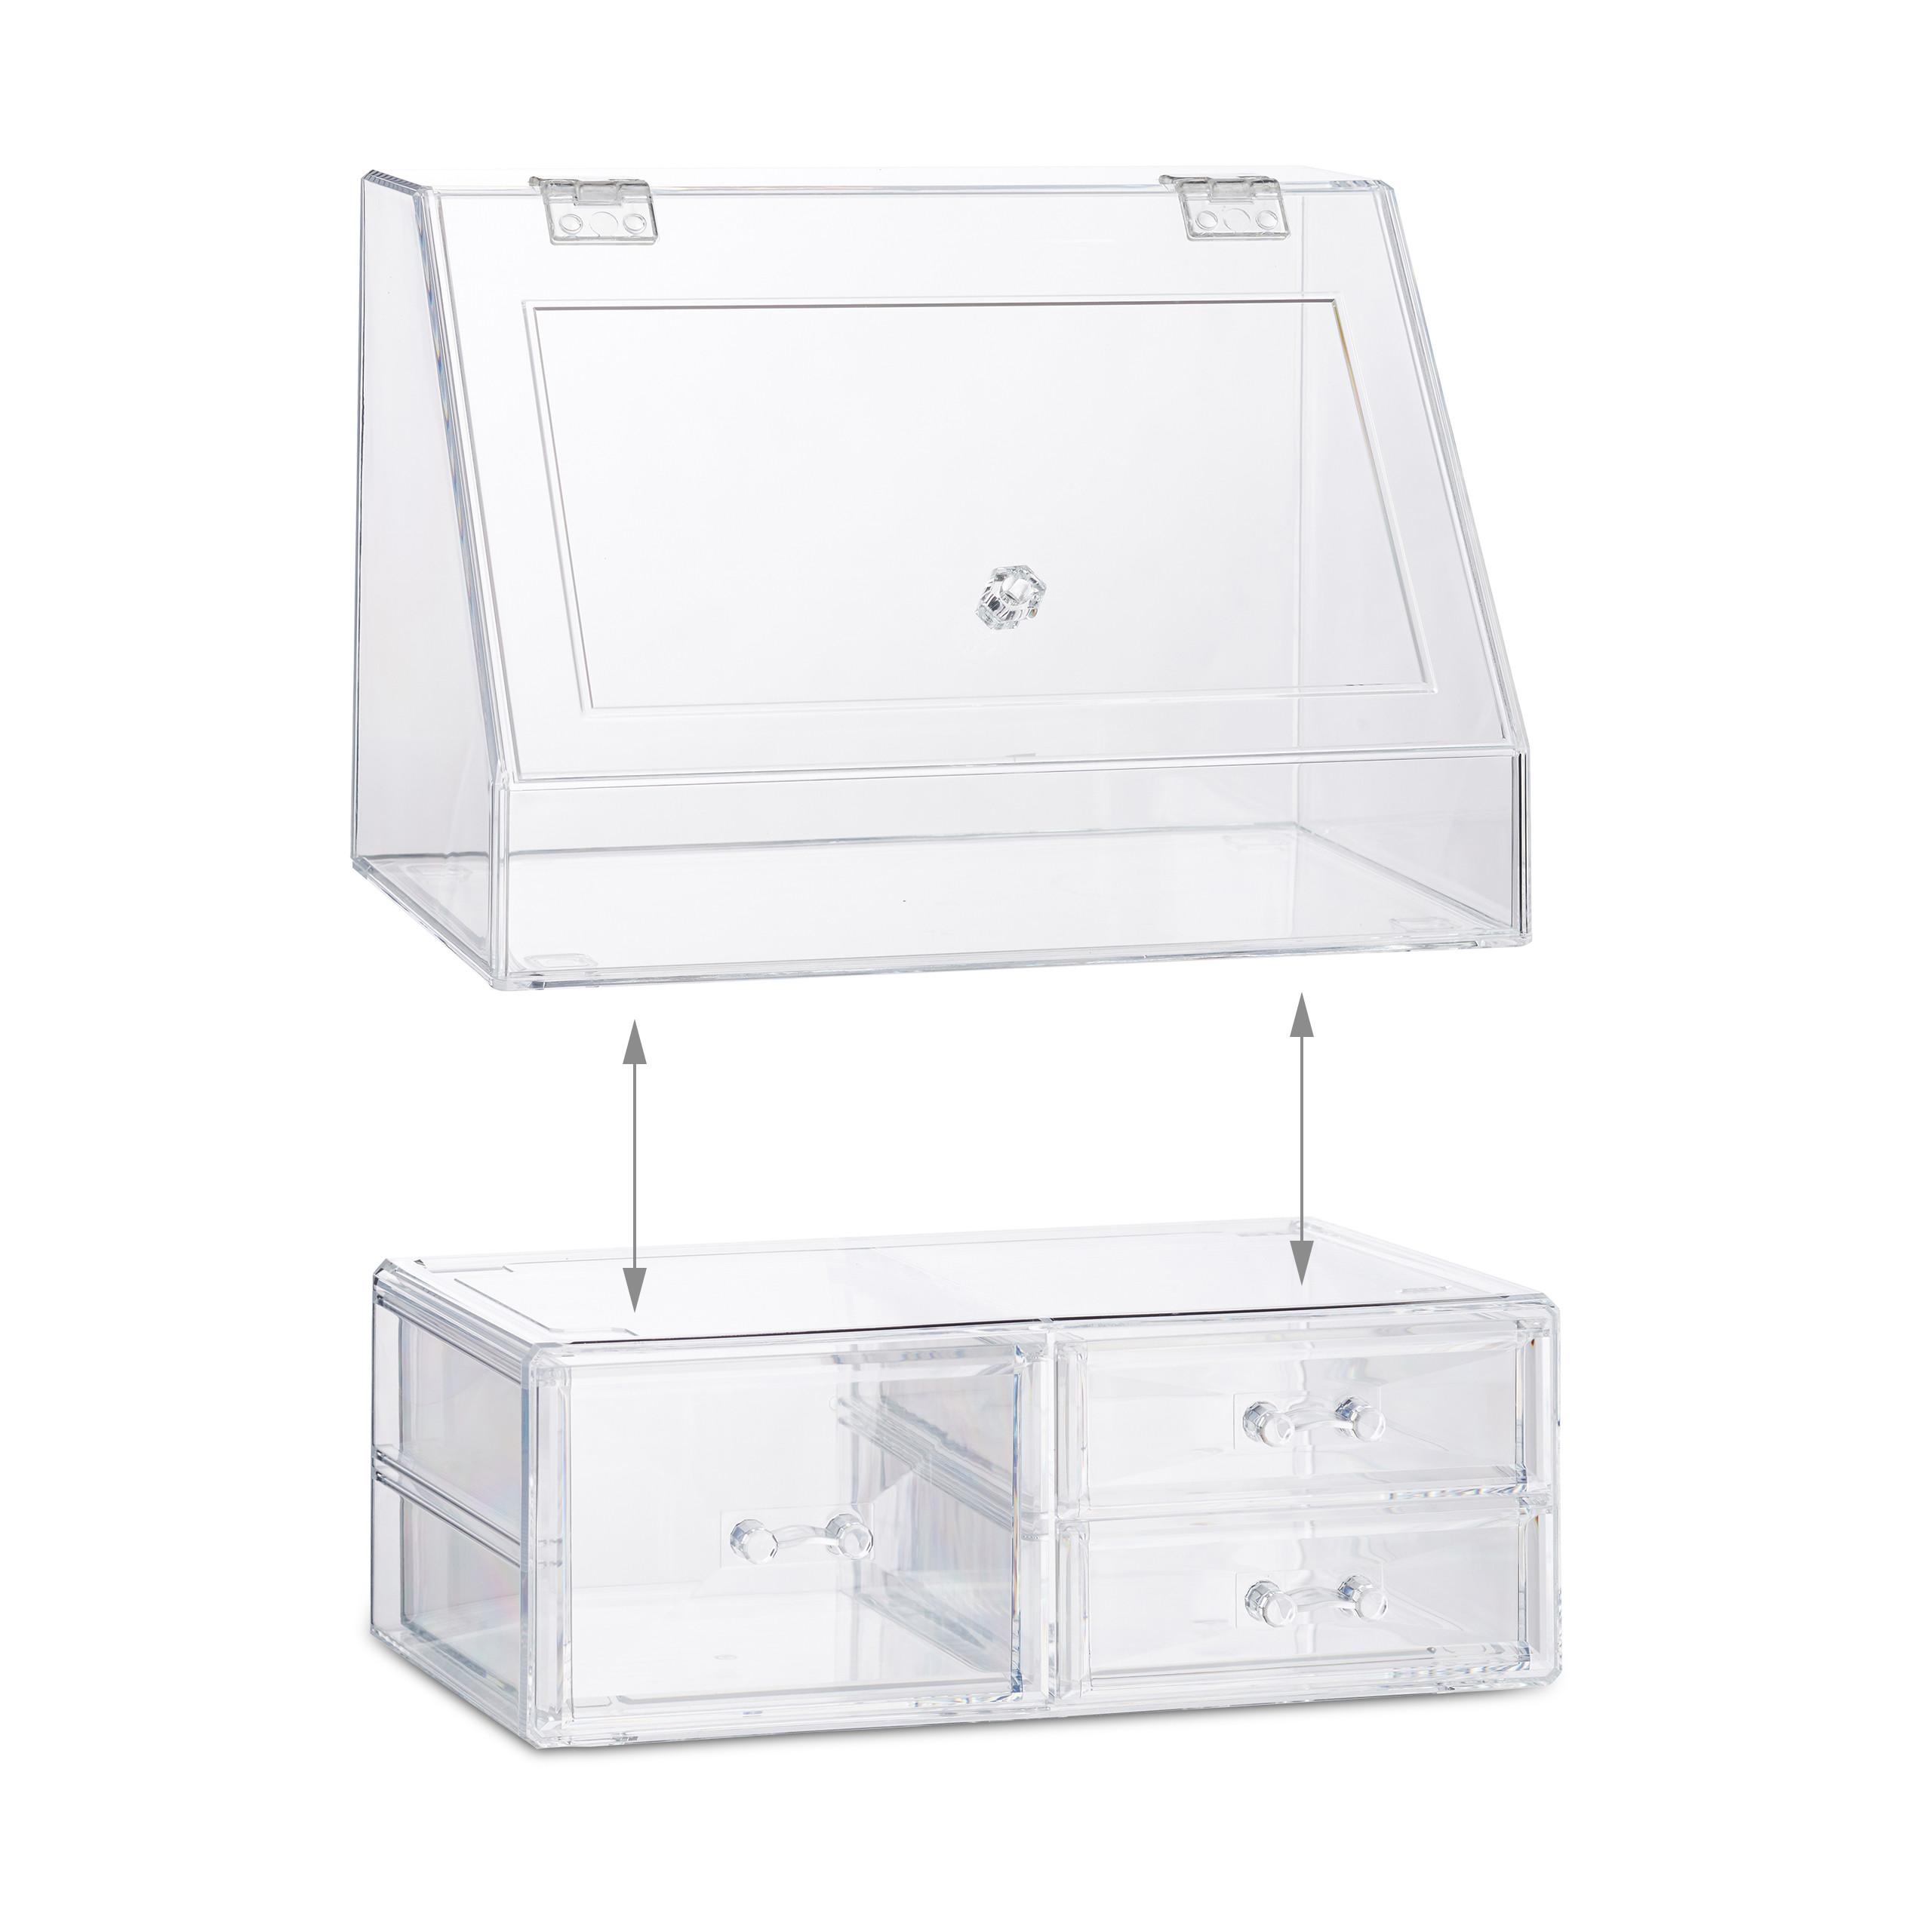 Kosmetik-Organizer-Acrylbox-Schmink-Aufbewahrung-Make-Up-Organizer-3-Schubladen miniatura 8